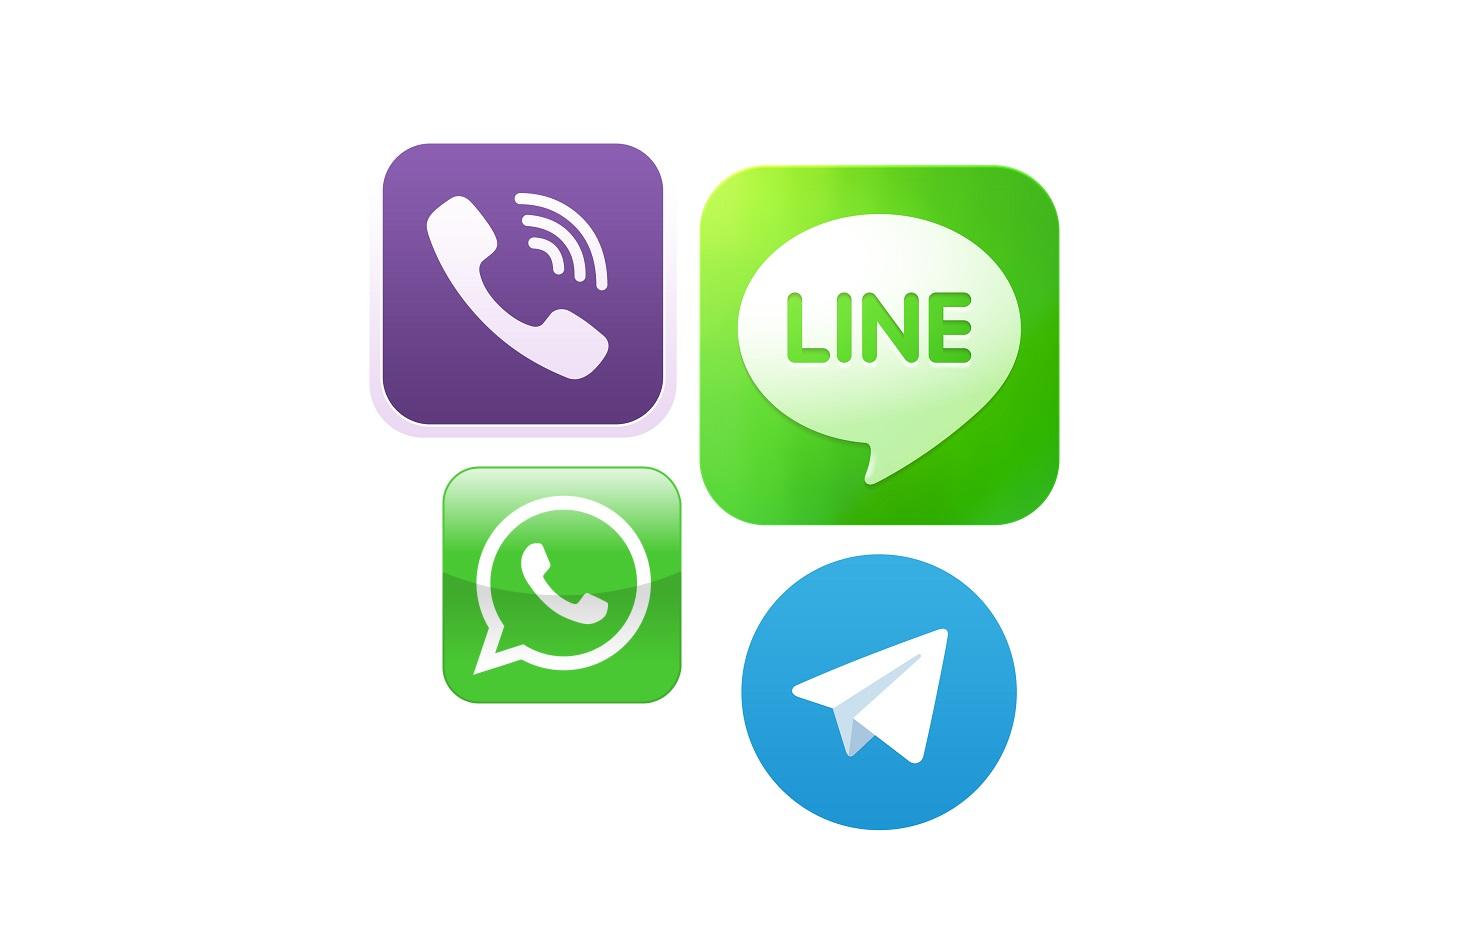 اینترنت موبایل یا ADSL  ؟